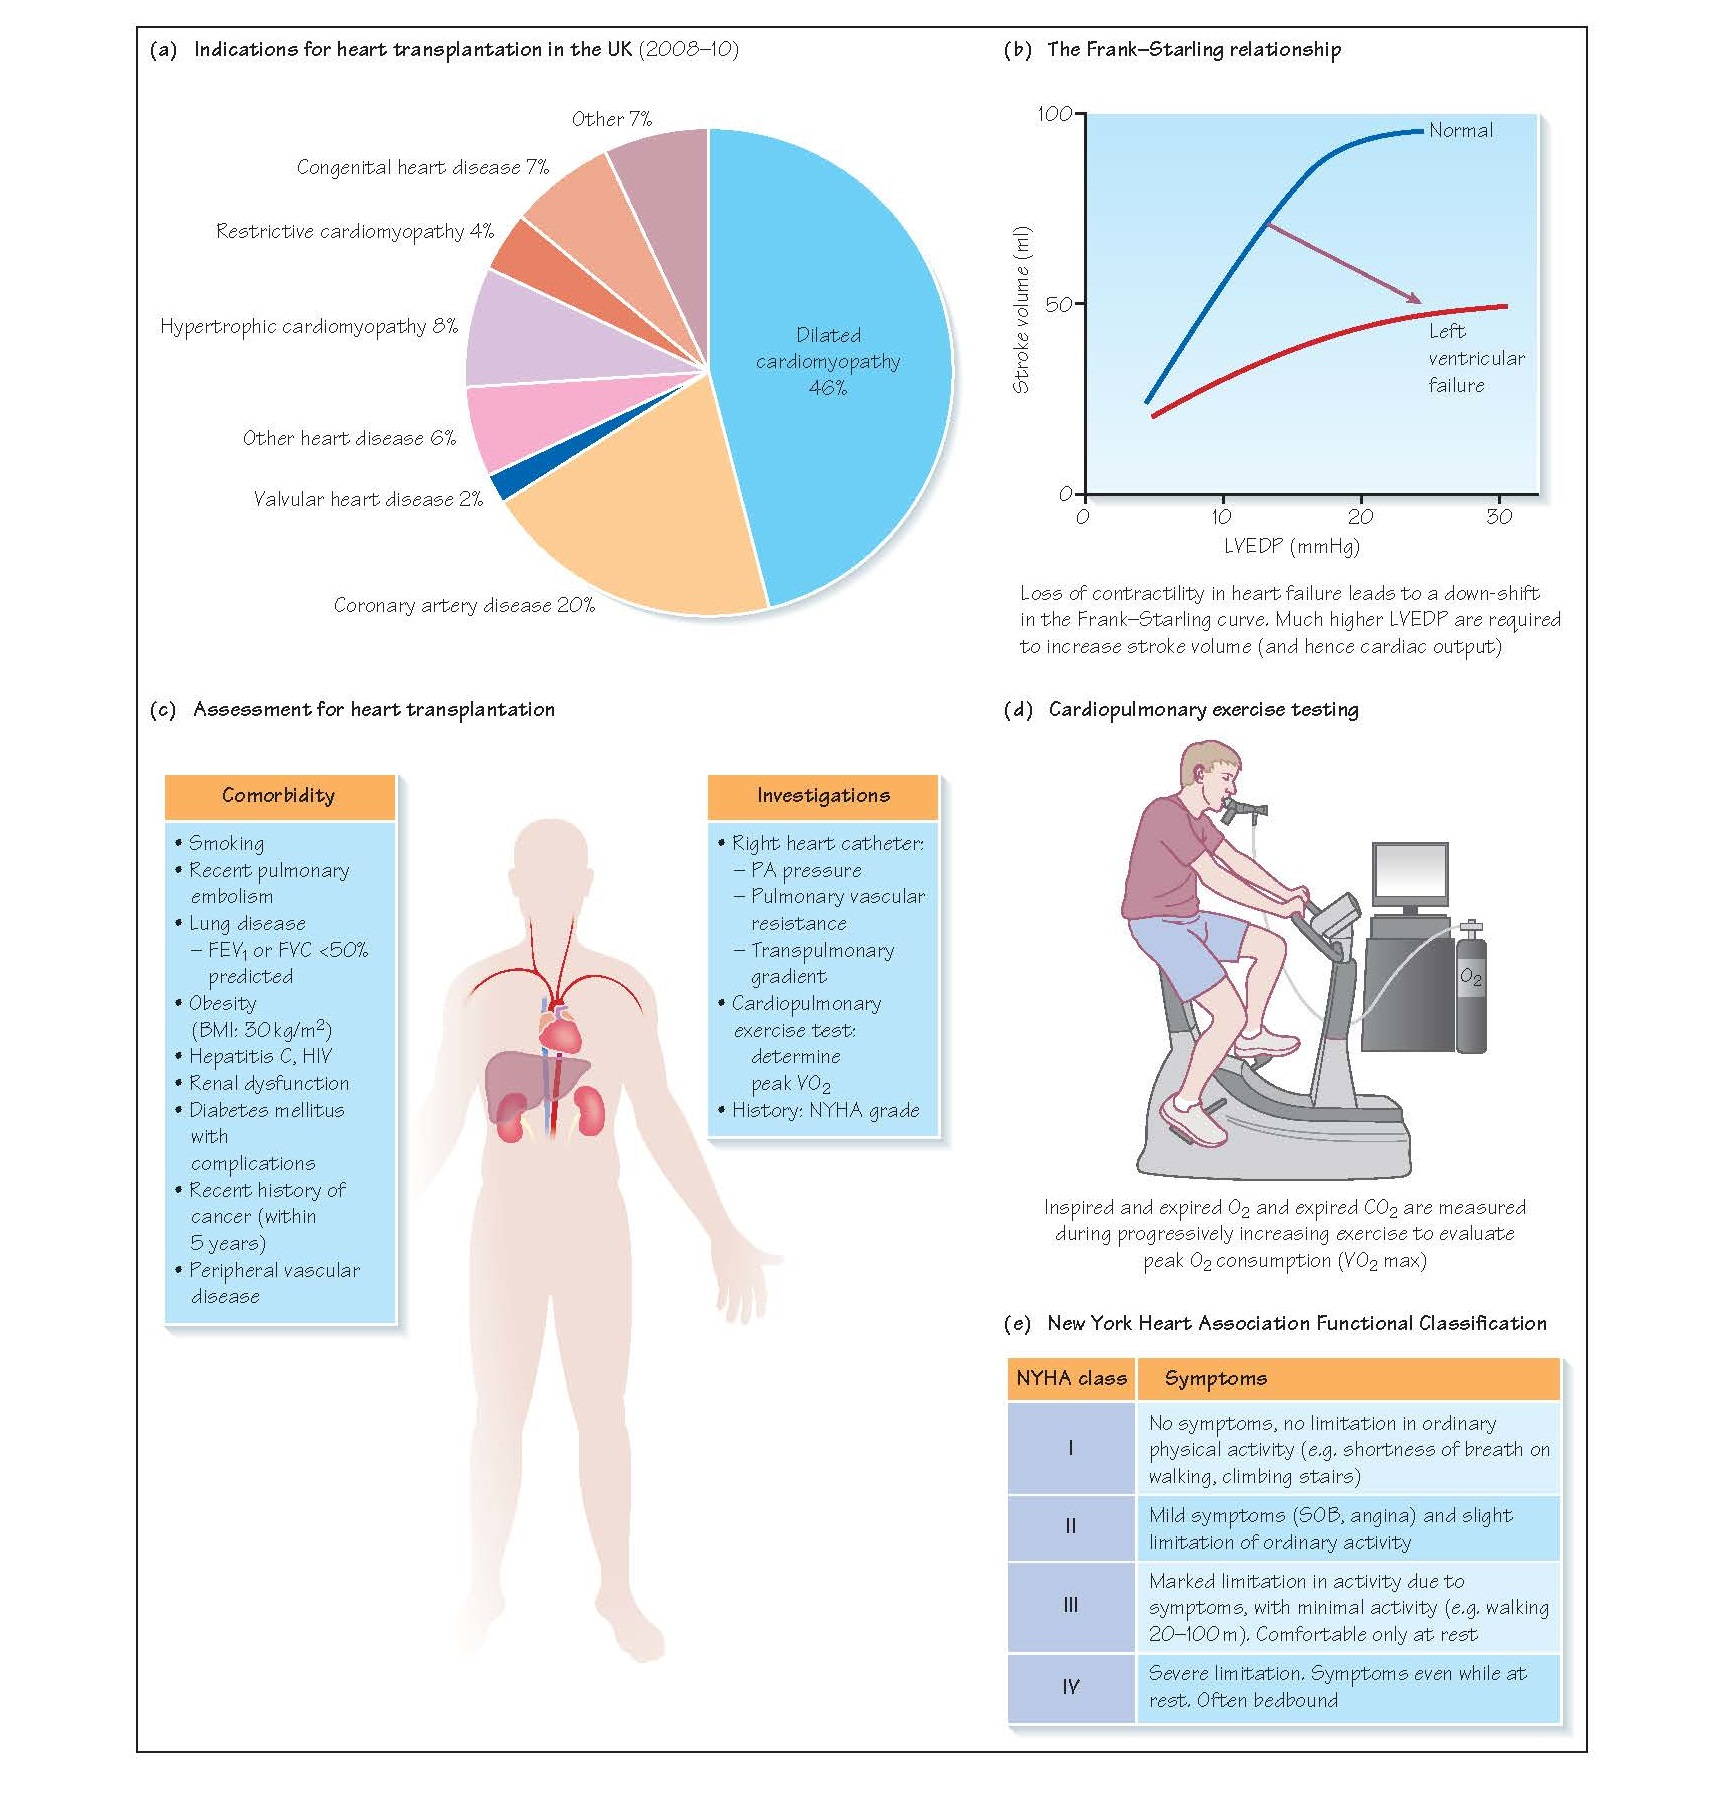 Assessment For Heart Transplantation